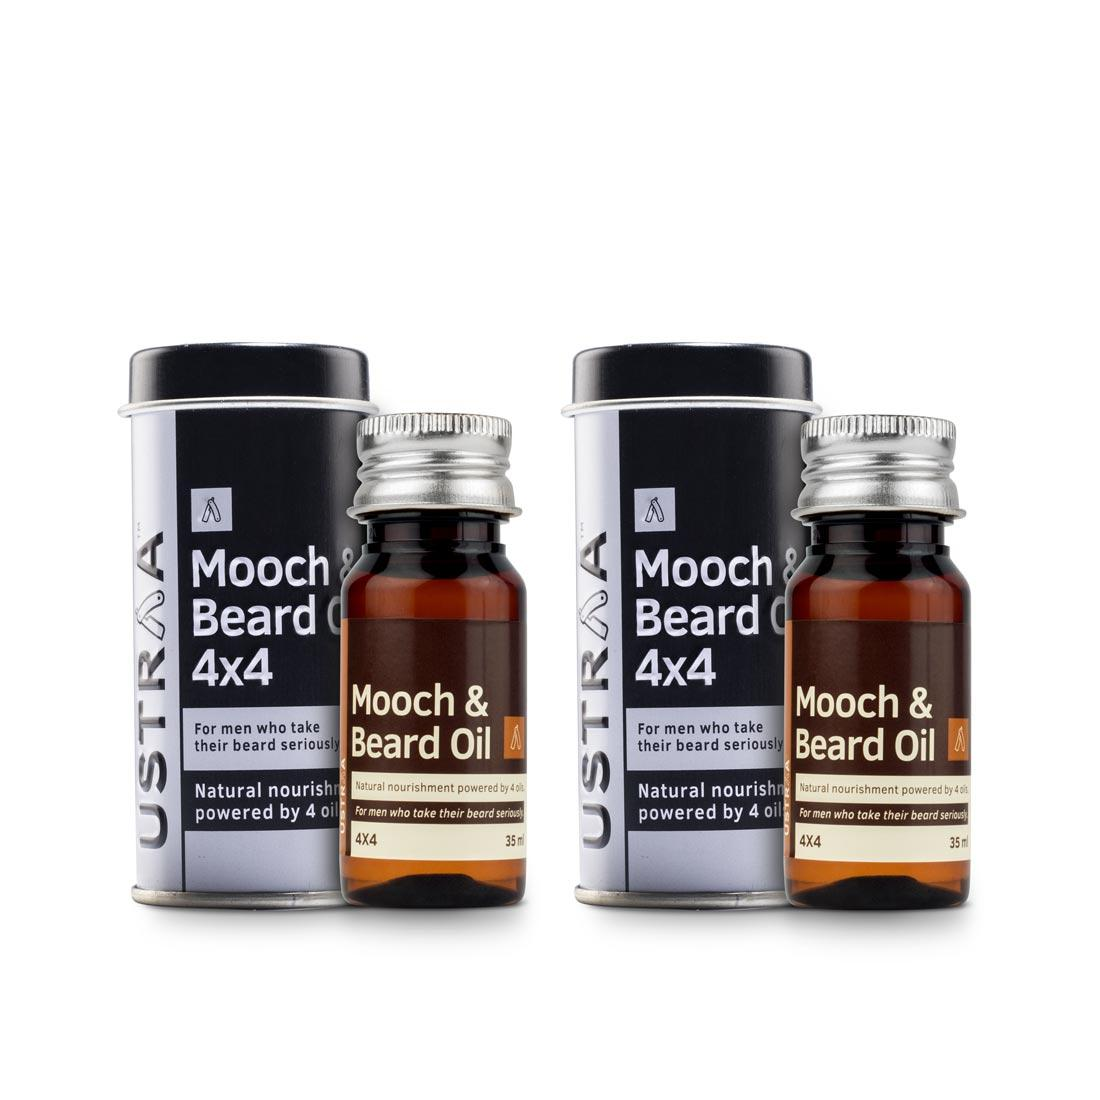 Beard & Mooch Oil 4x4 - Set of 2